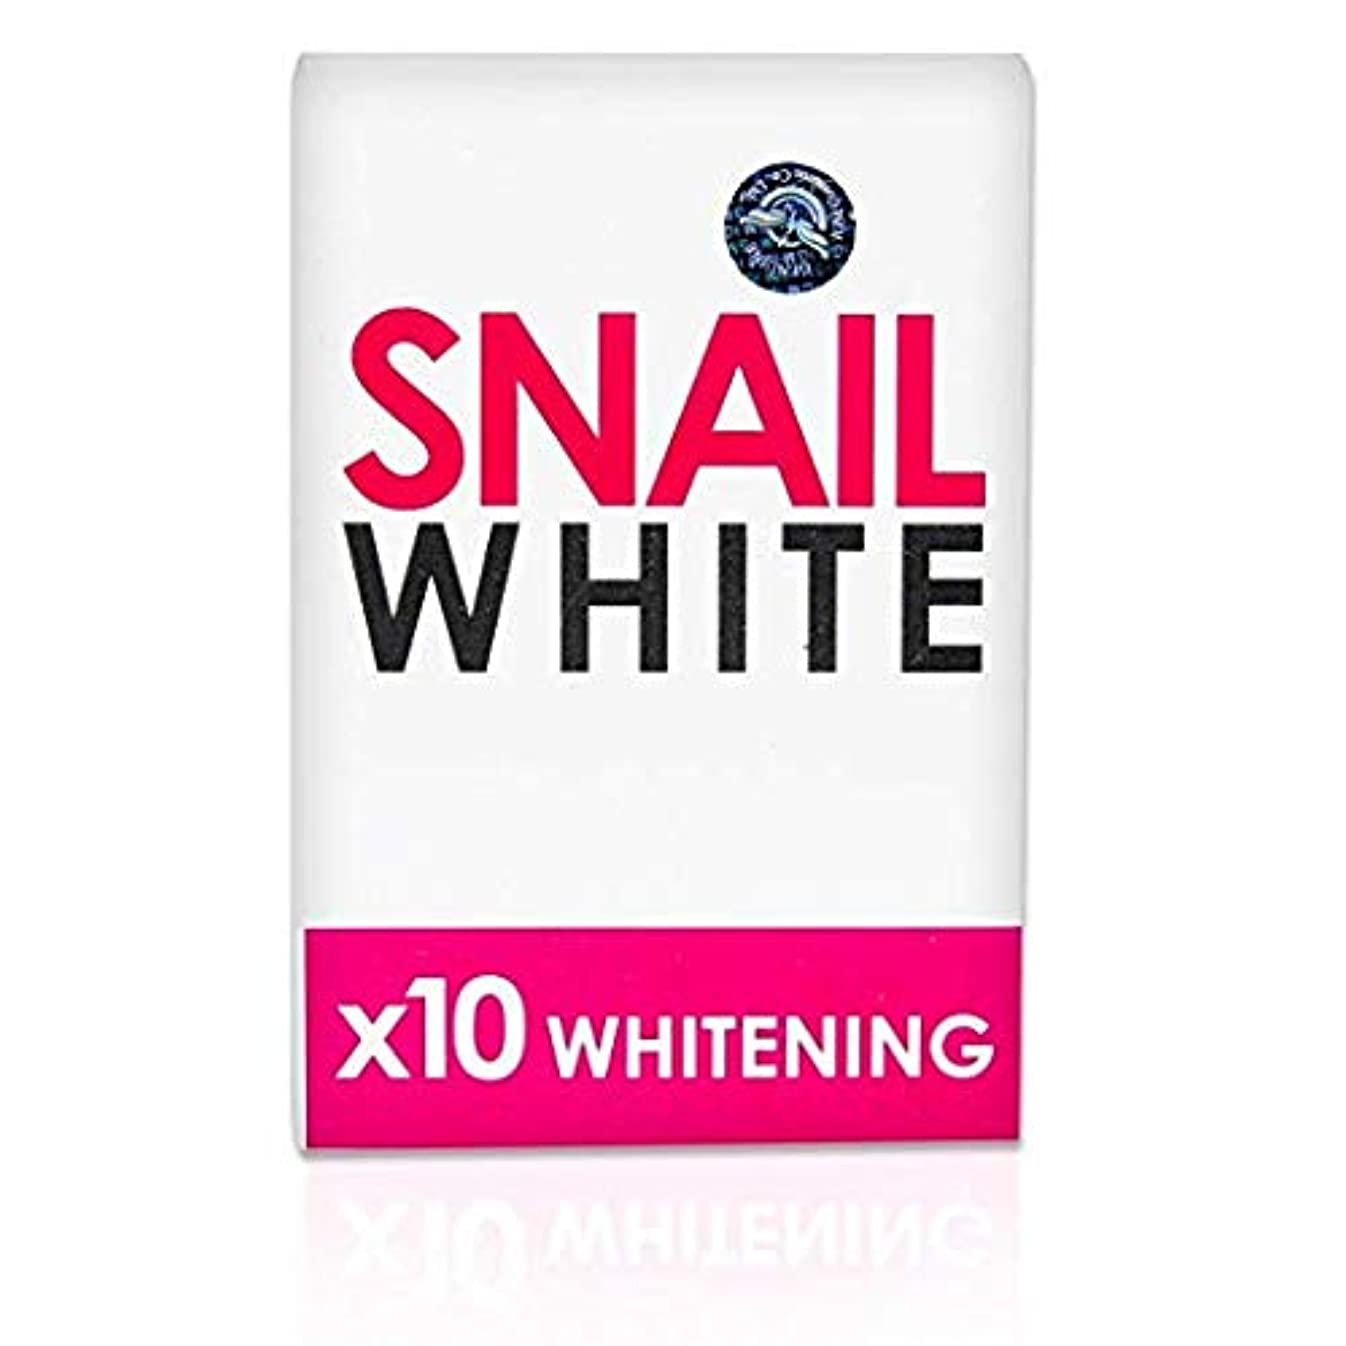 捧げる謙虚なナインへスネイルホワイト Gluta Snail White x10 Whitening by Dream ホワイトニング 固形石鹸 2個